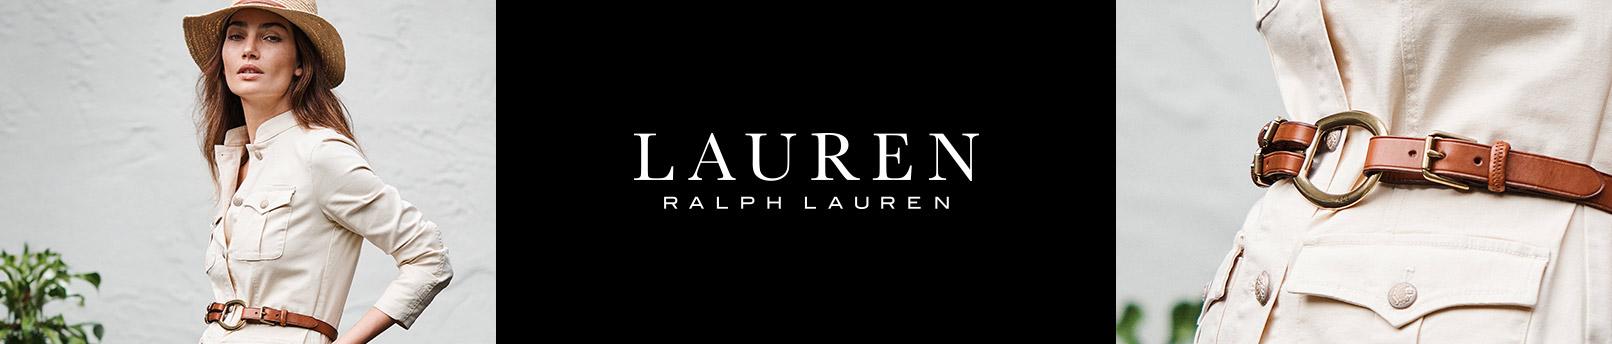 Lauren Ralph Lauren shoppen